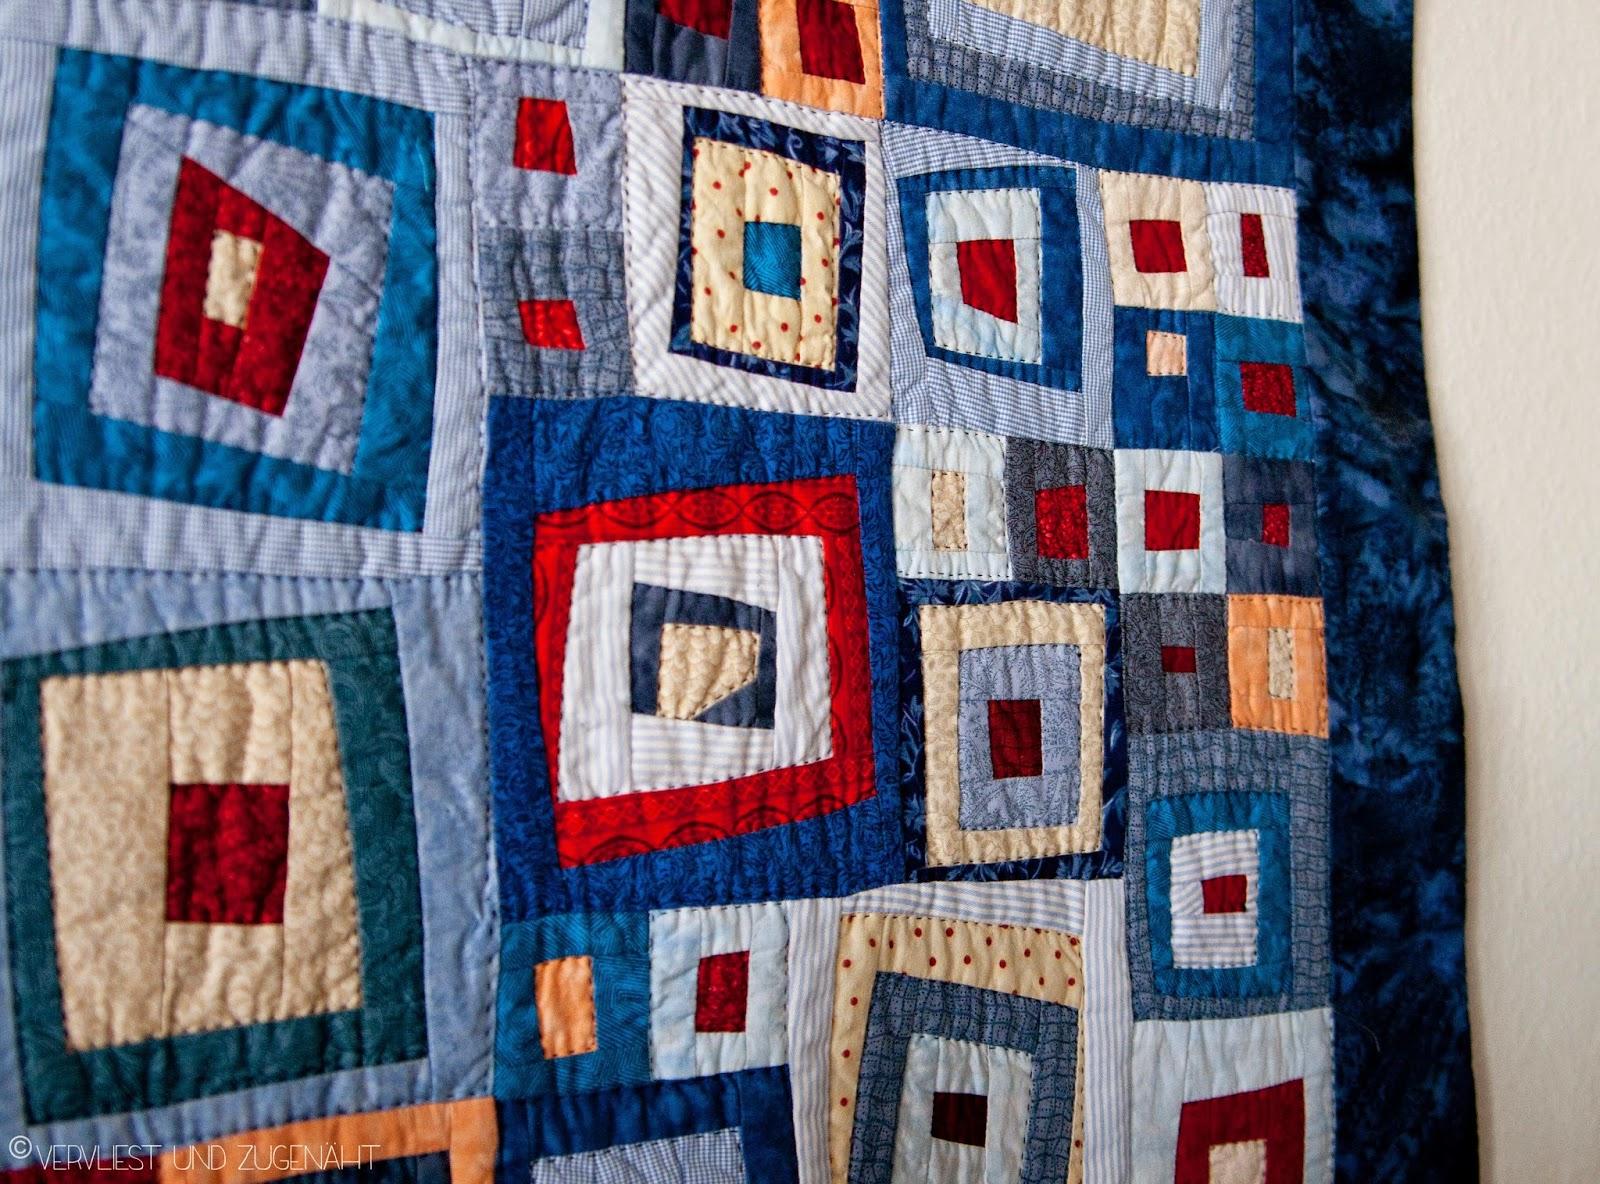 vervliest und zugen ht modern quilt patchwork serie 1. Black Bedroom Furniture Sets. Home Design Ideas